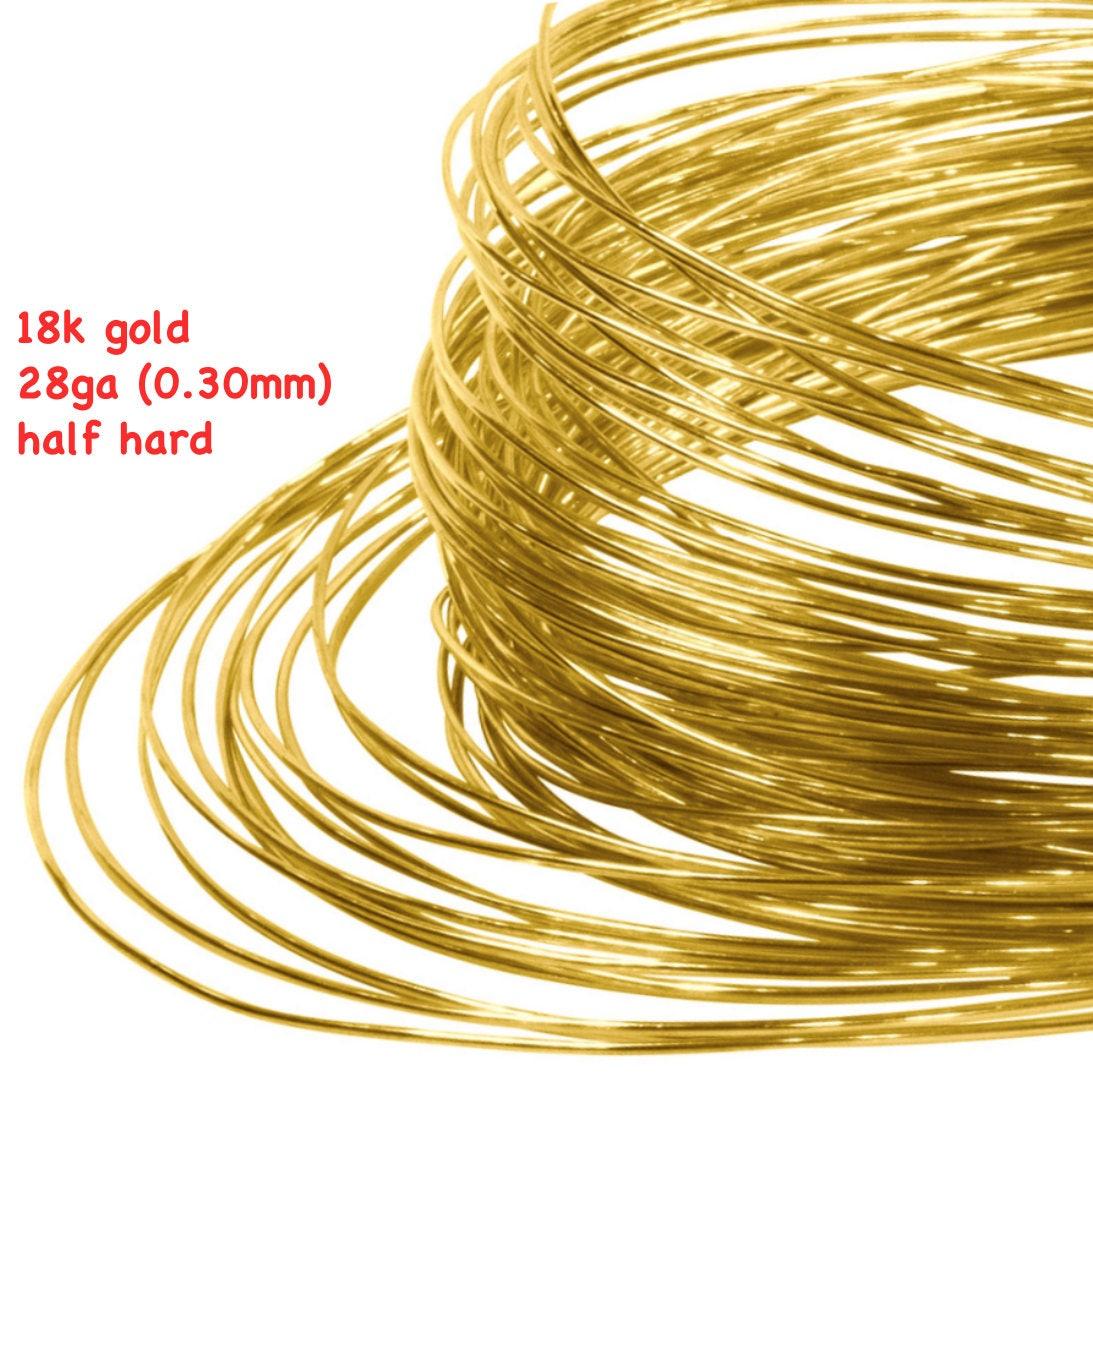 Massiv 18k gold Draht 28ga 030 mm halb harten rund 18 Karat   Etsy